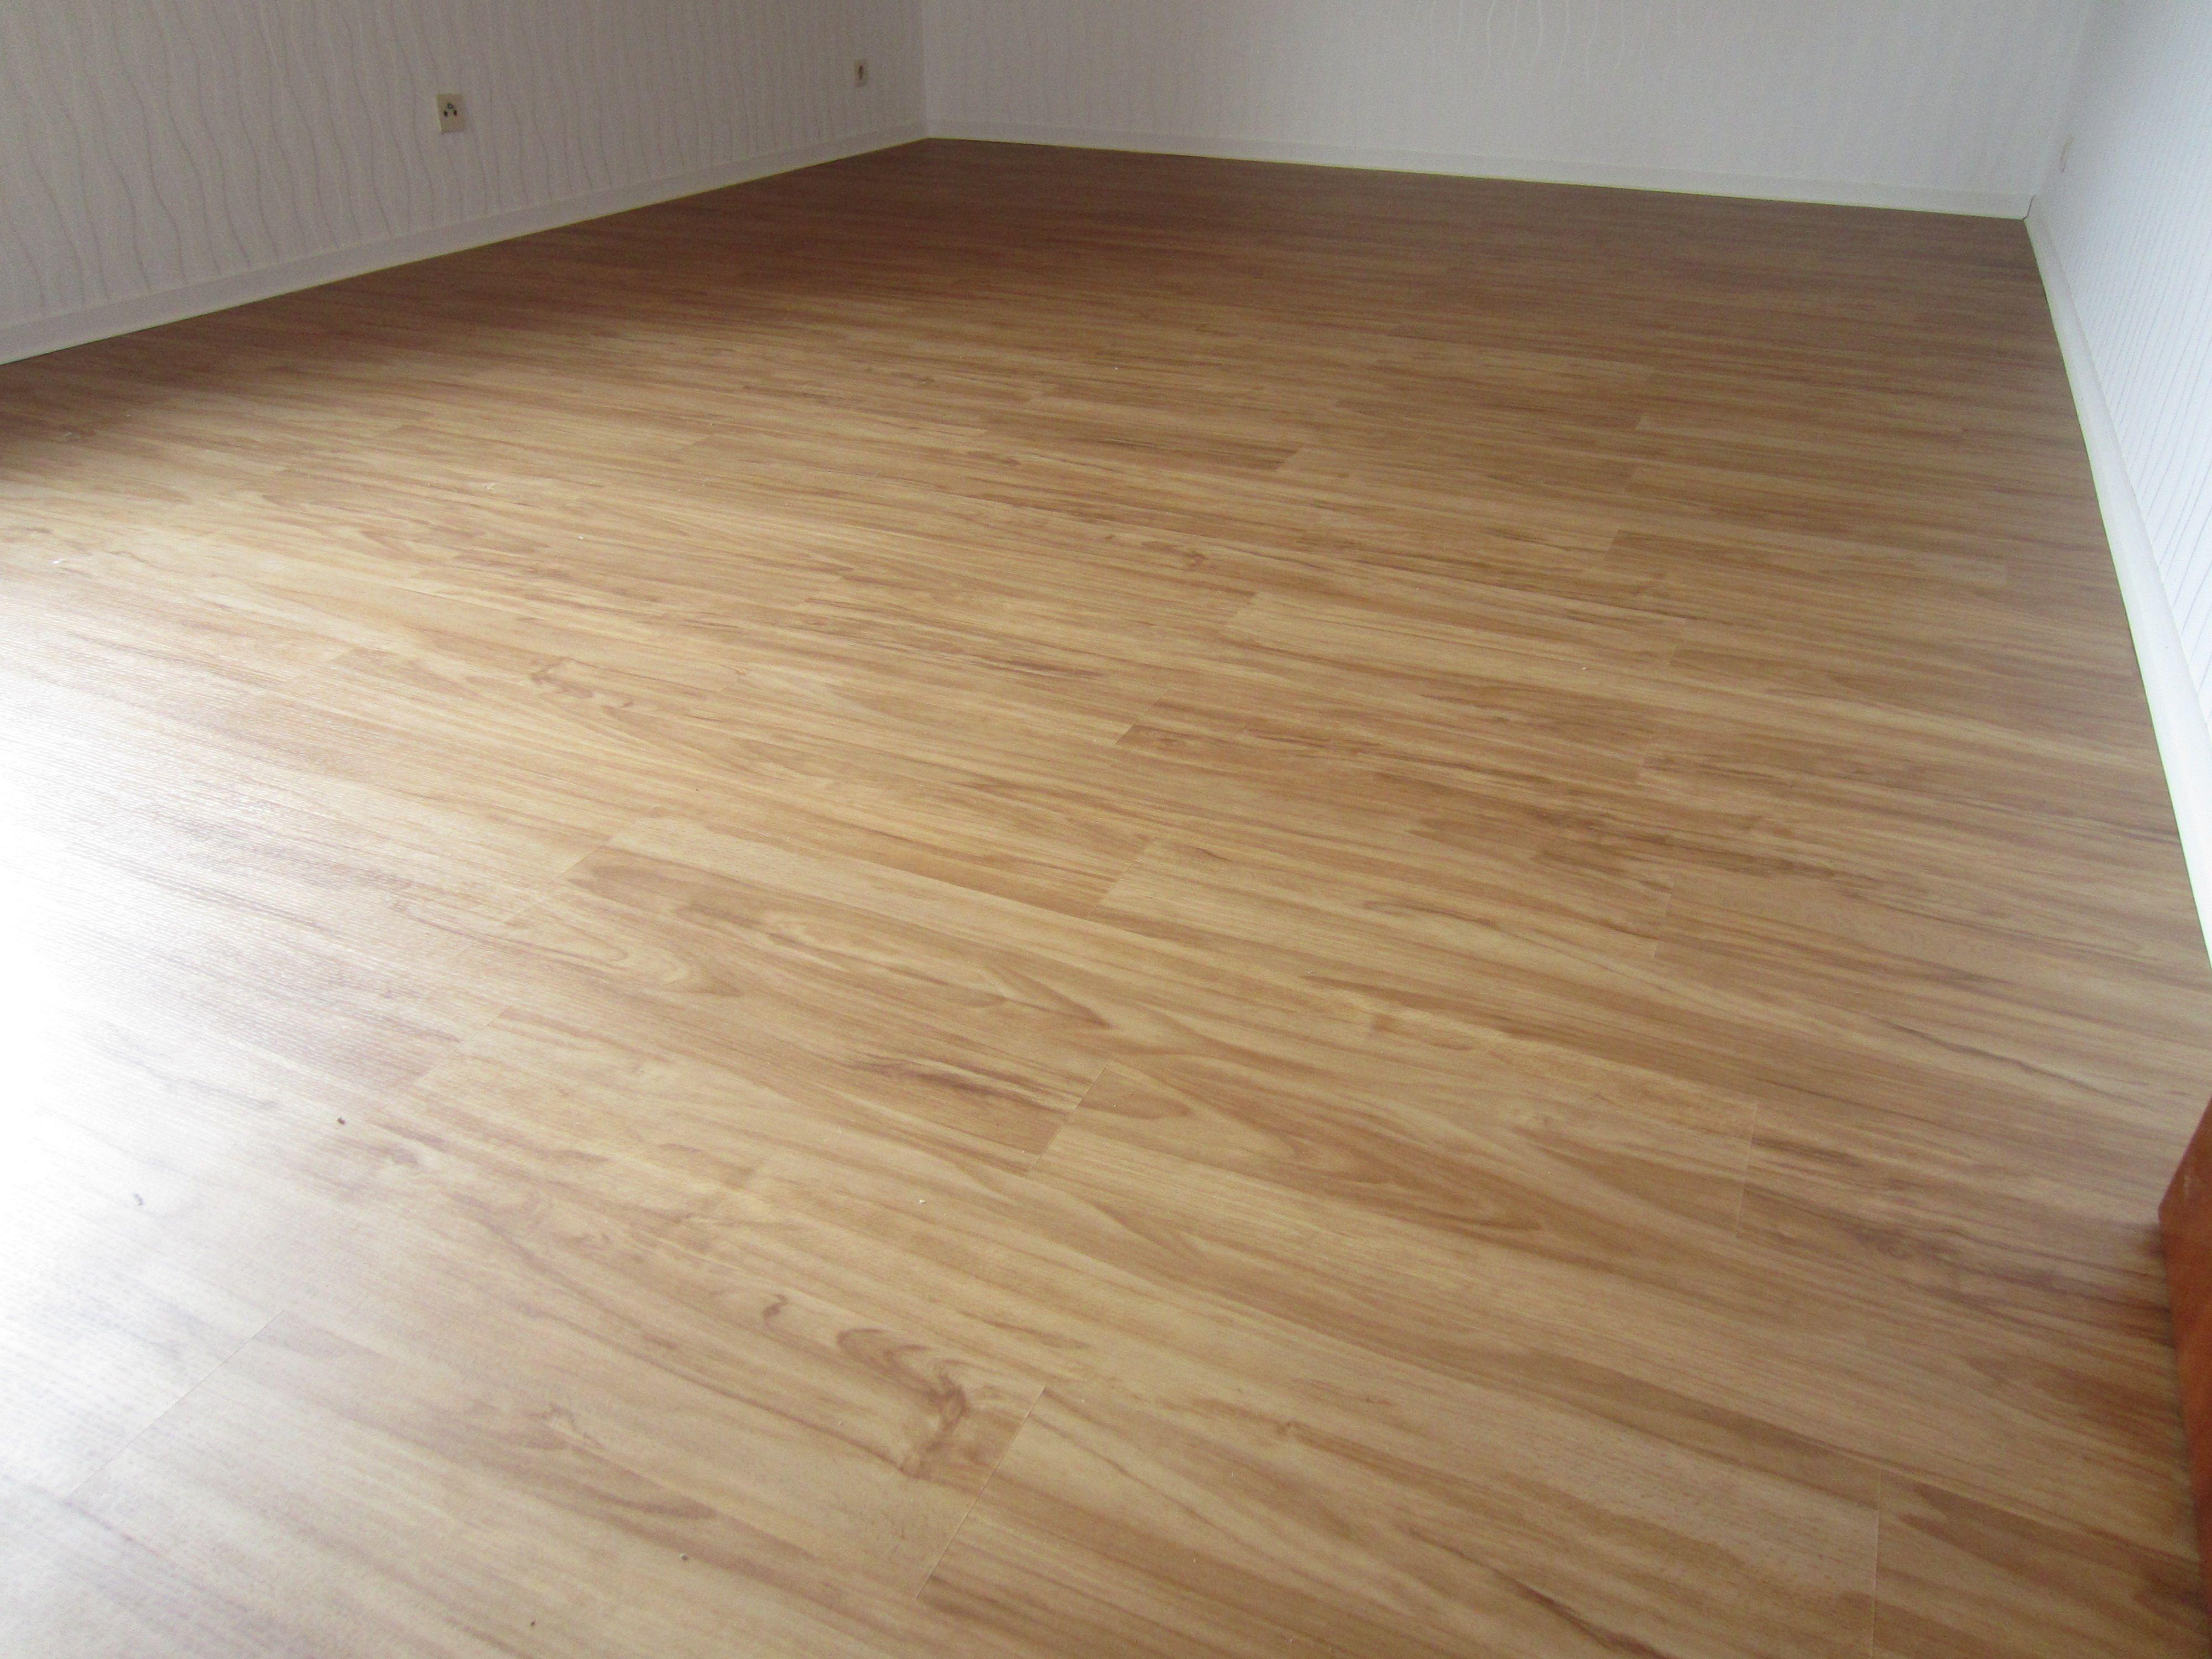 Bodenbeläge vinylboden teppichboden parkett mehr vinylboden